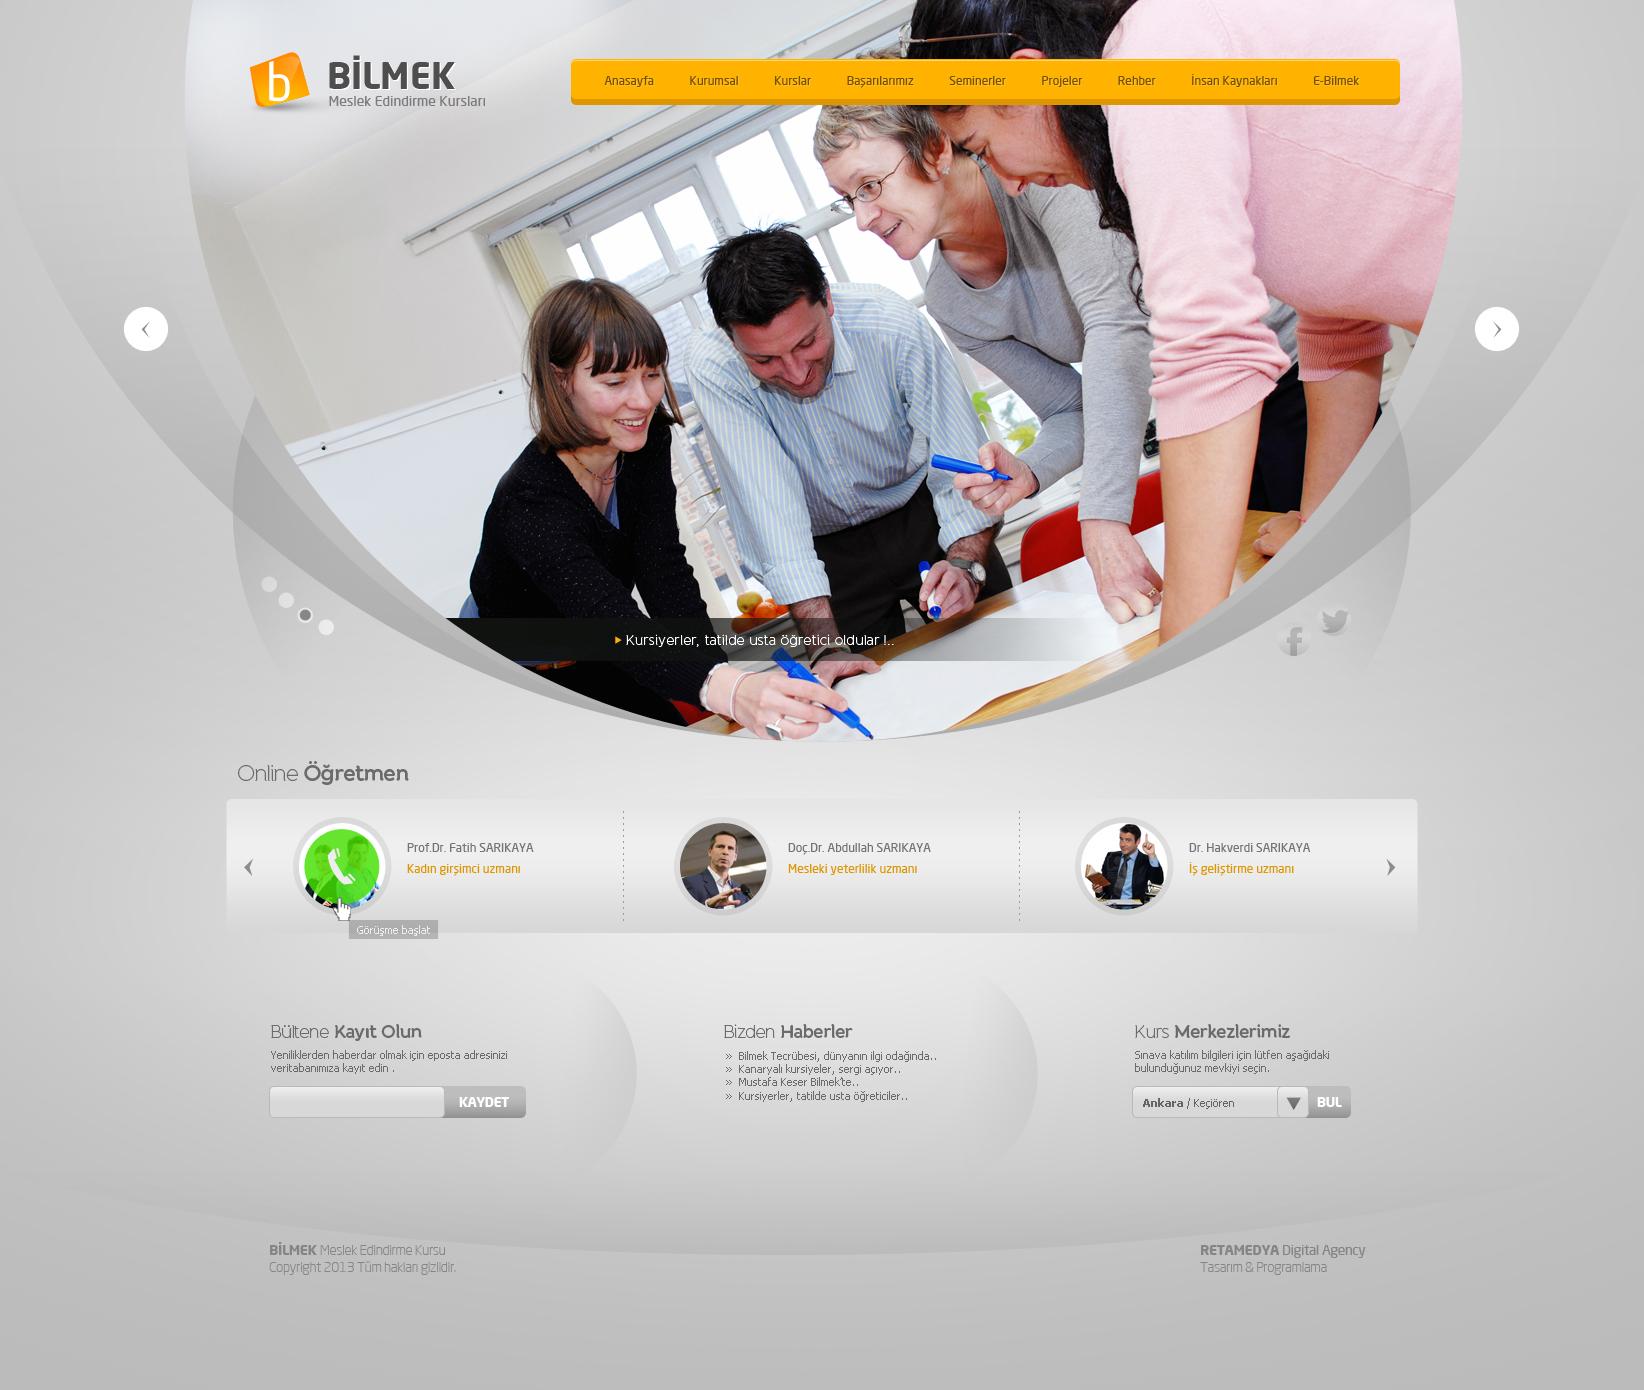 Bilmek Web Design by alisarikaya